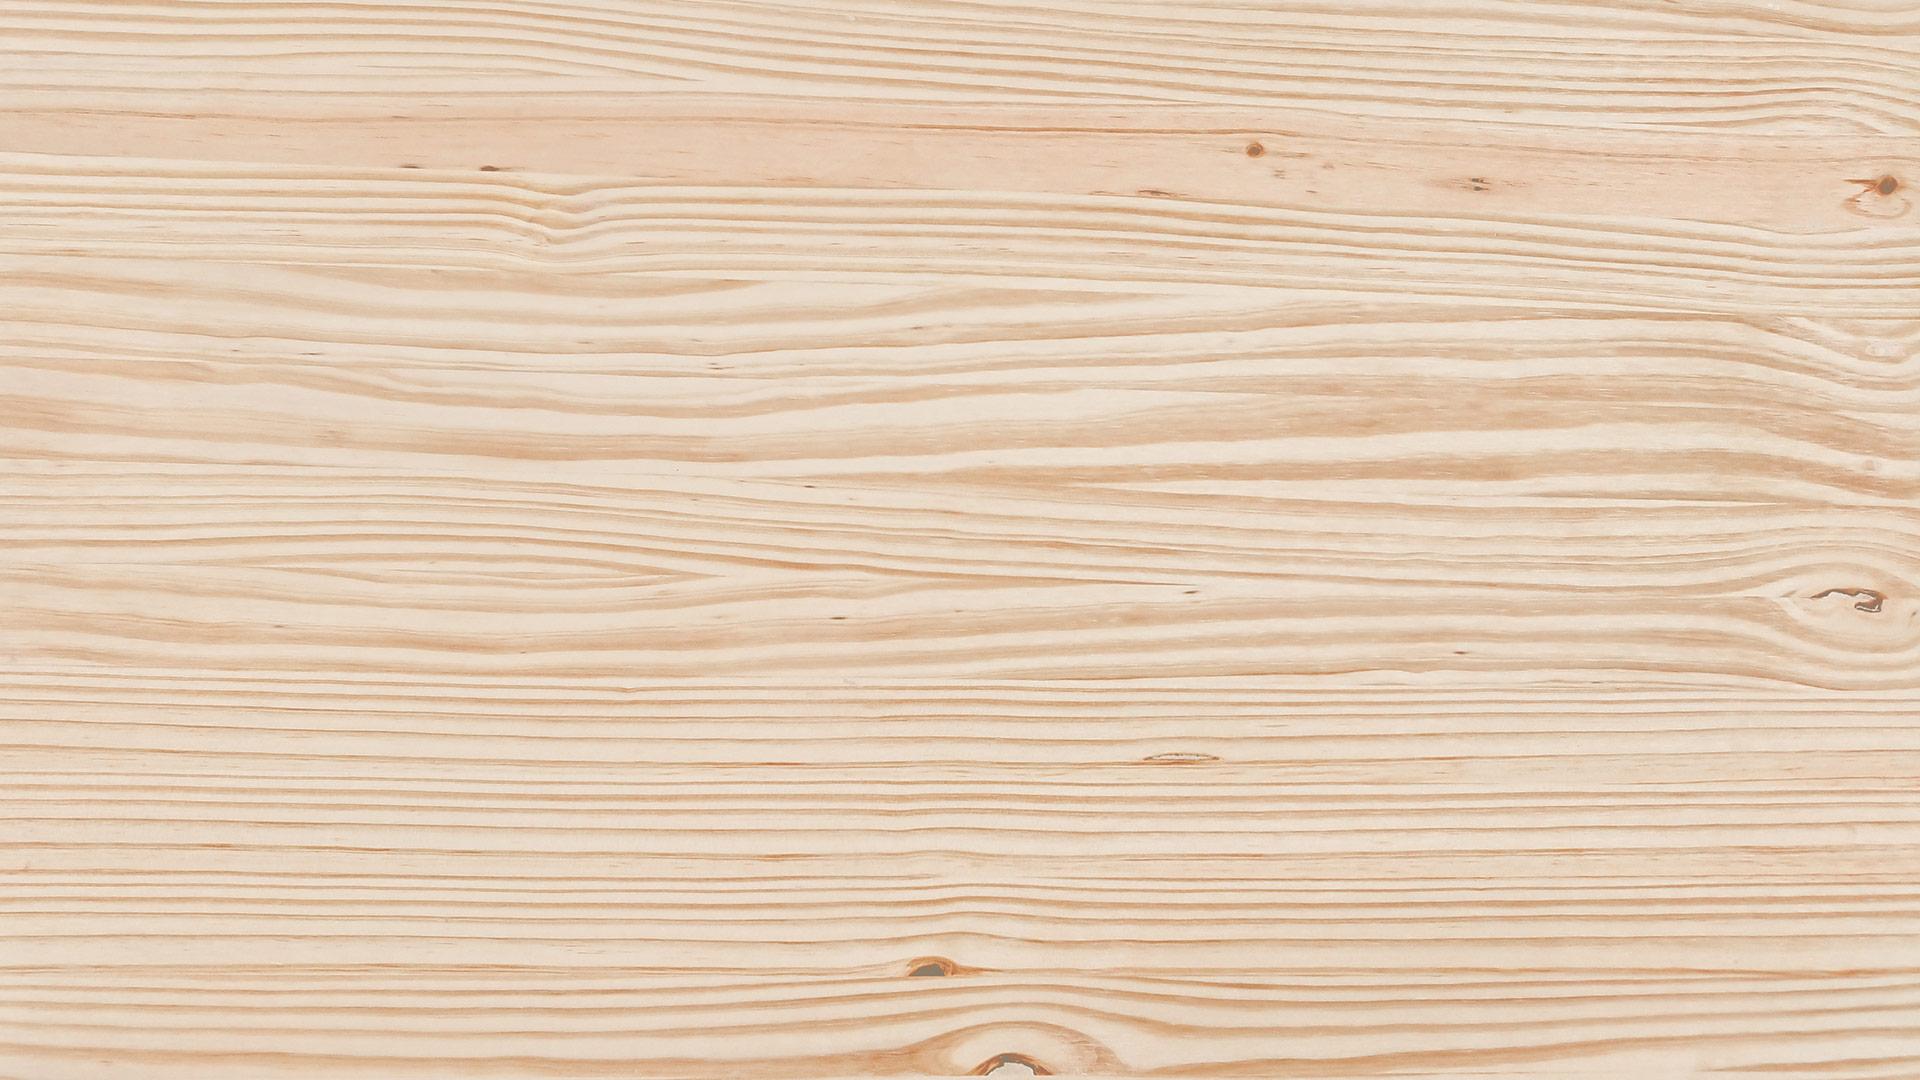 Pine Norway White grain 1920x1080